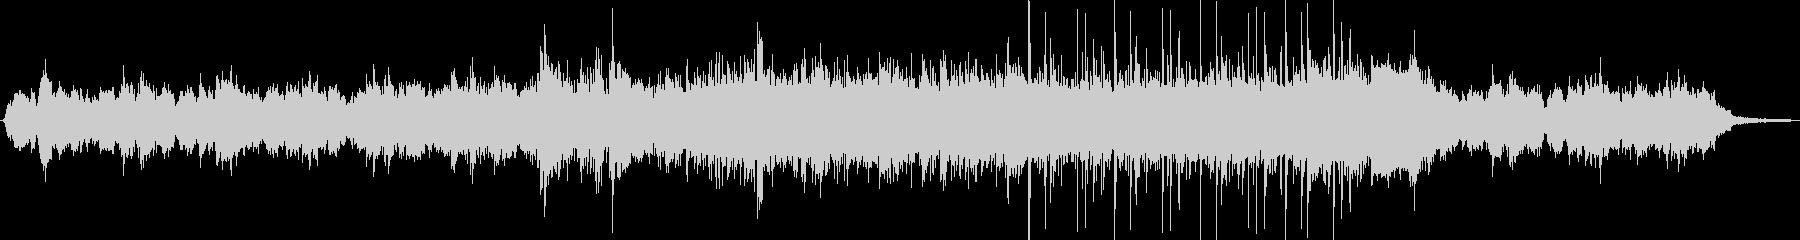 ラグジュアリーなピアノエレクトロの未再生の波形